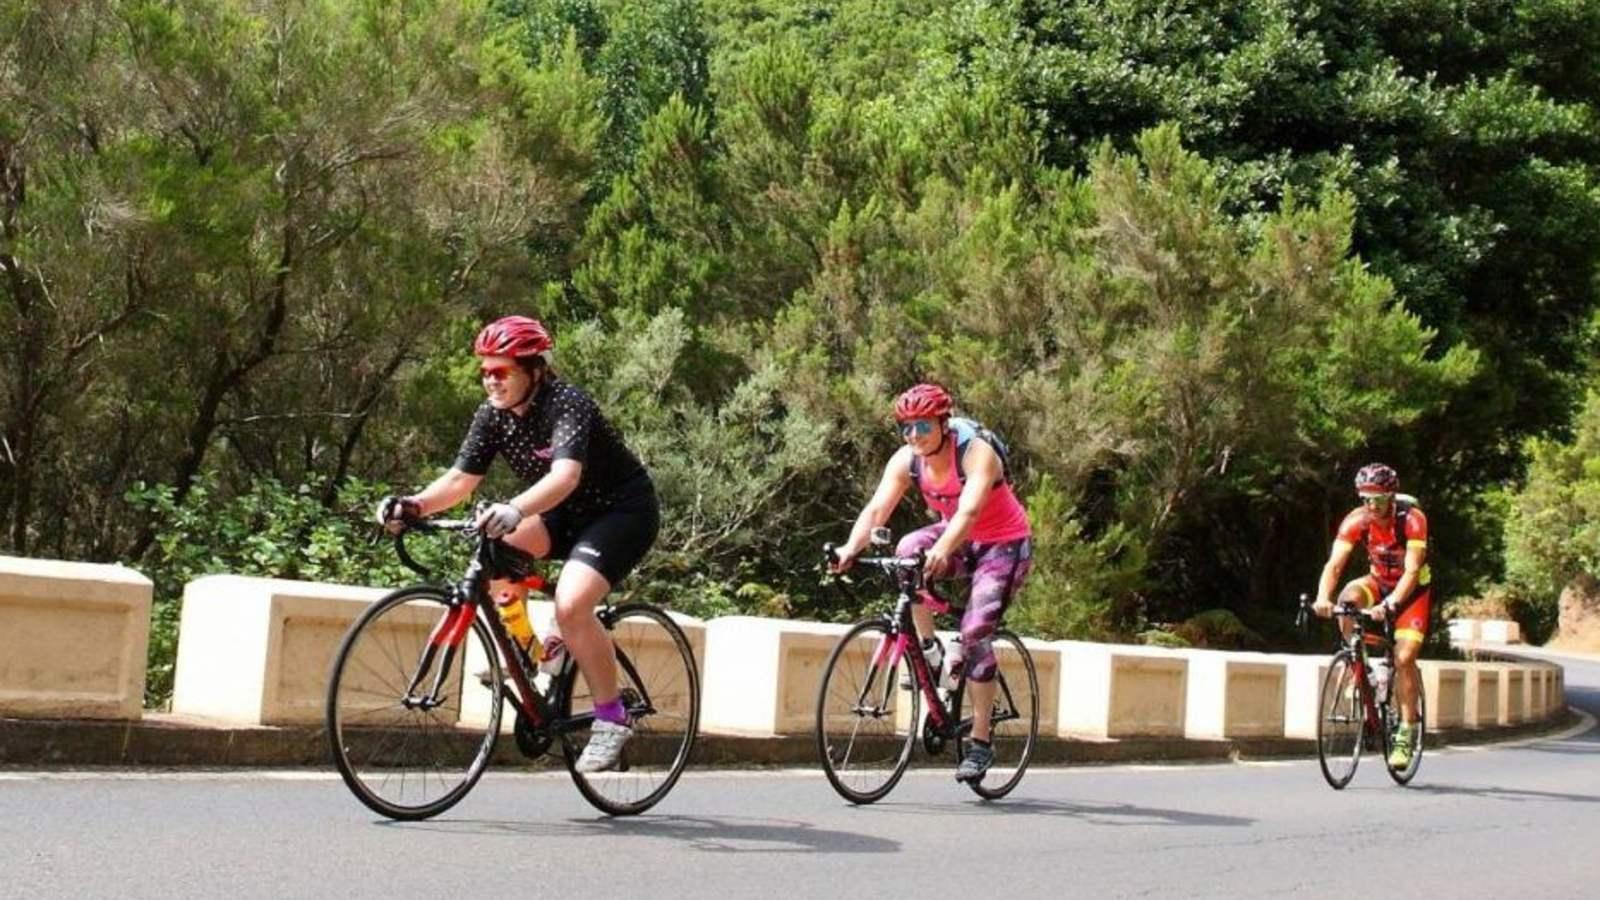 Ir en bicicleta a Masca requiere experiencia y una buena condición física